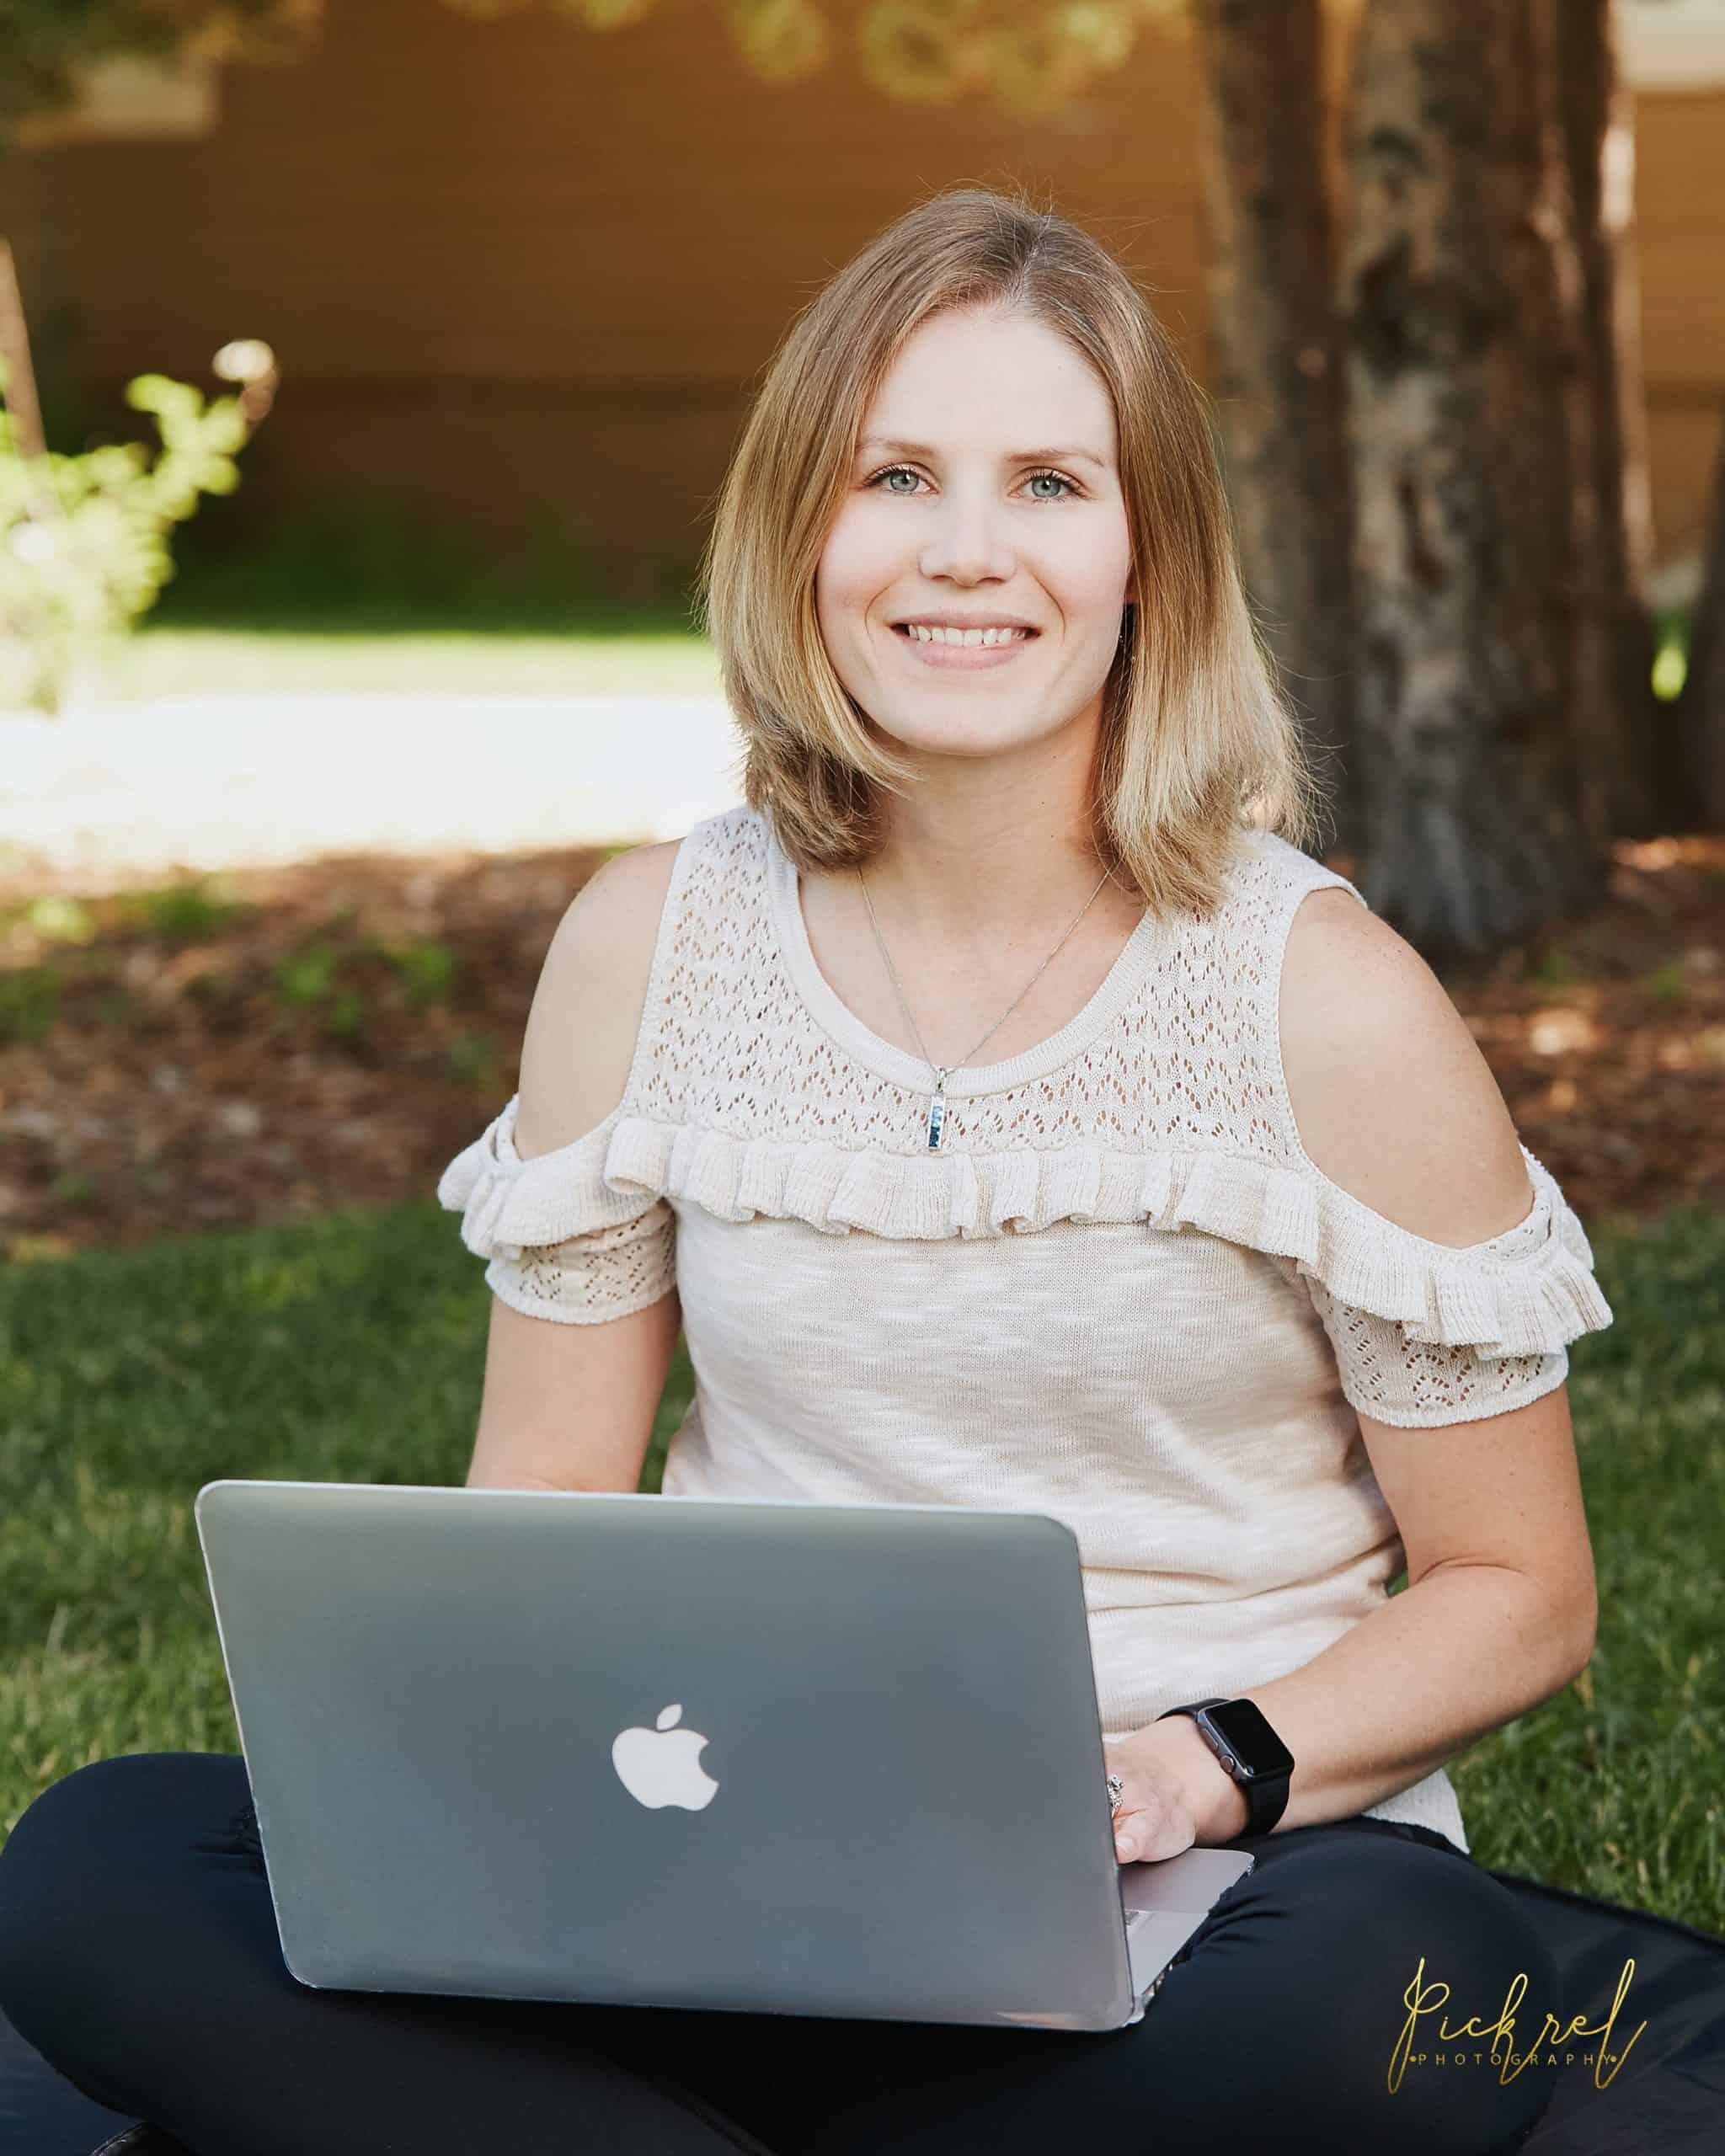 Sarah Parker, ACSM cPT, ACE Health Coach